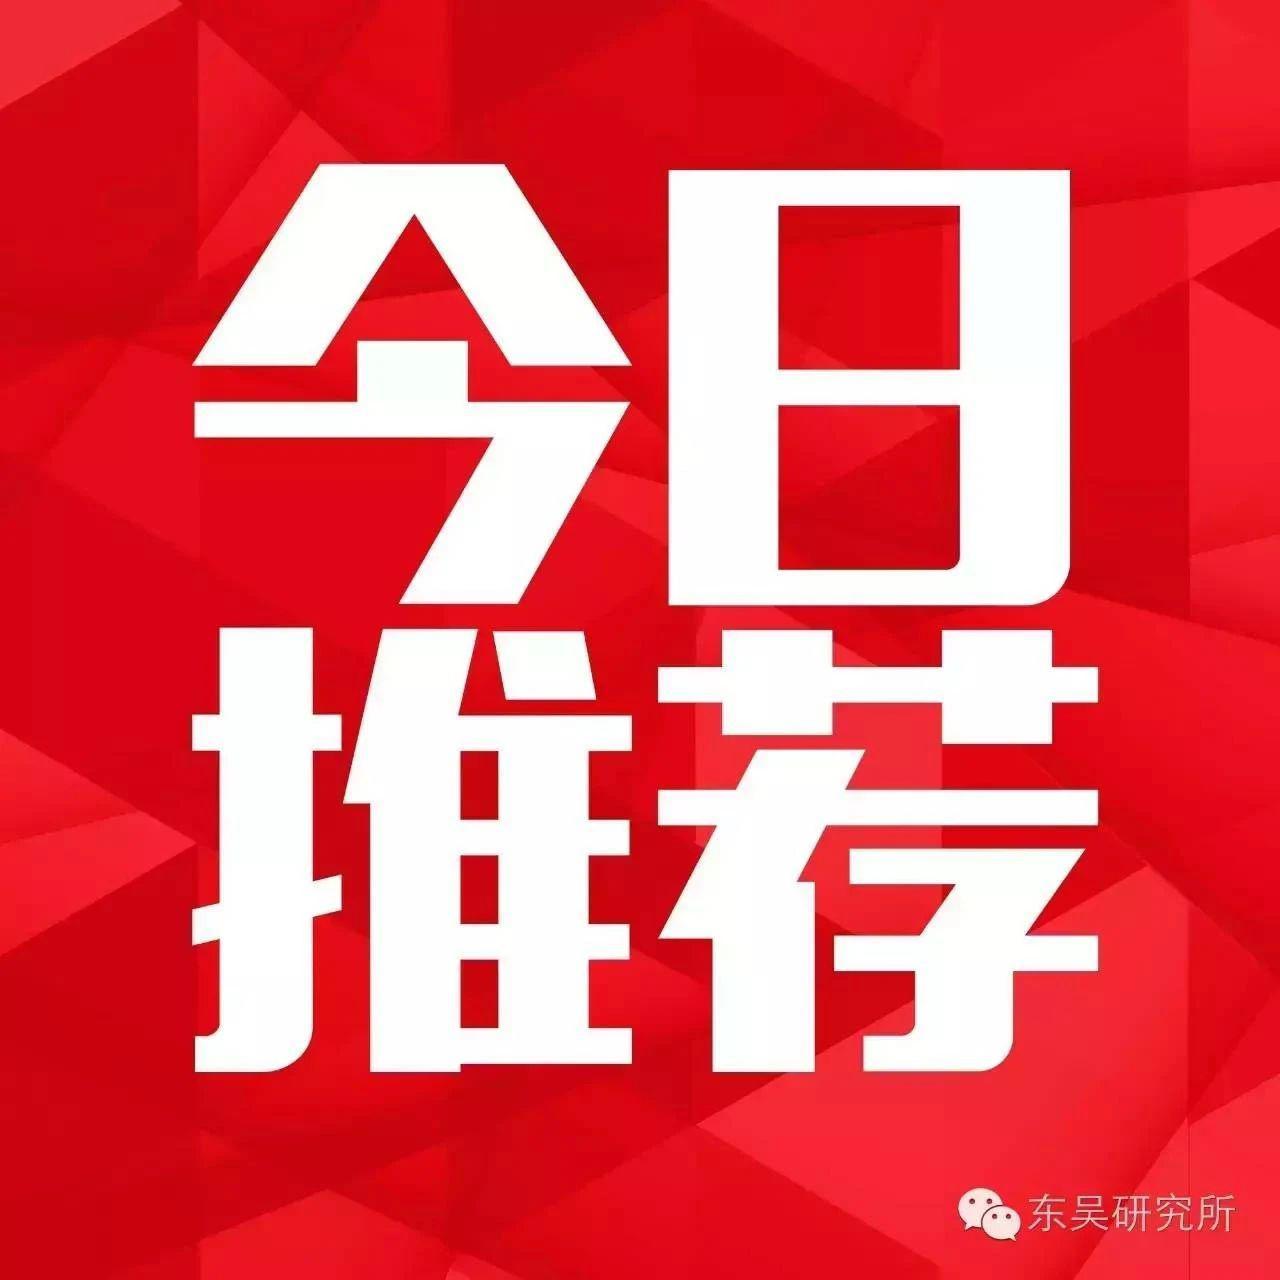 从中国制造到中国品牌,多品牌大集团可期